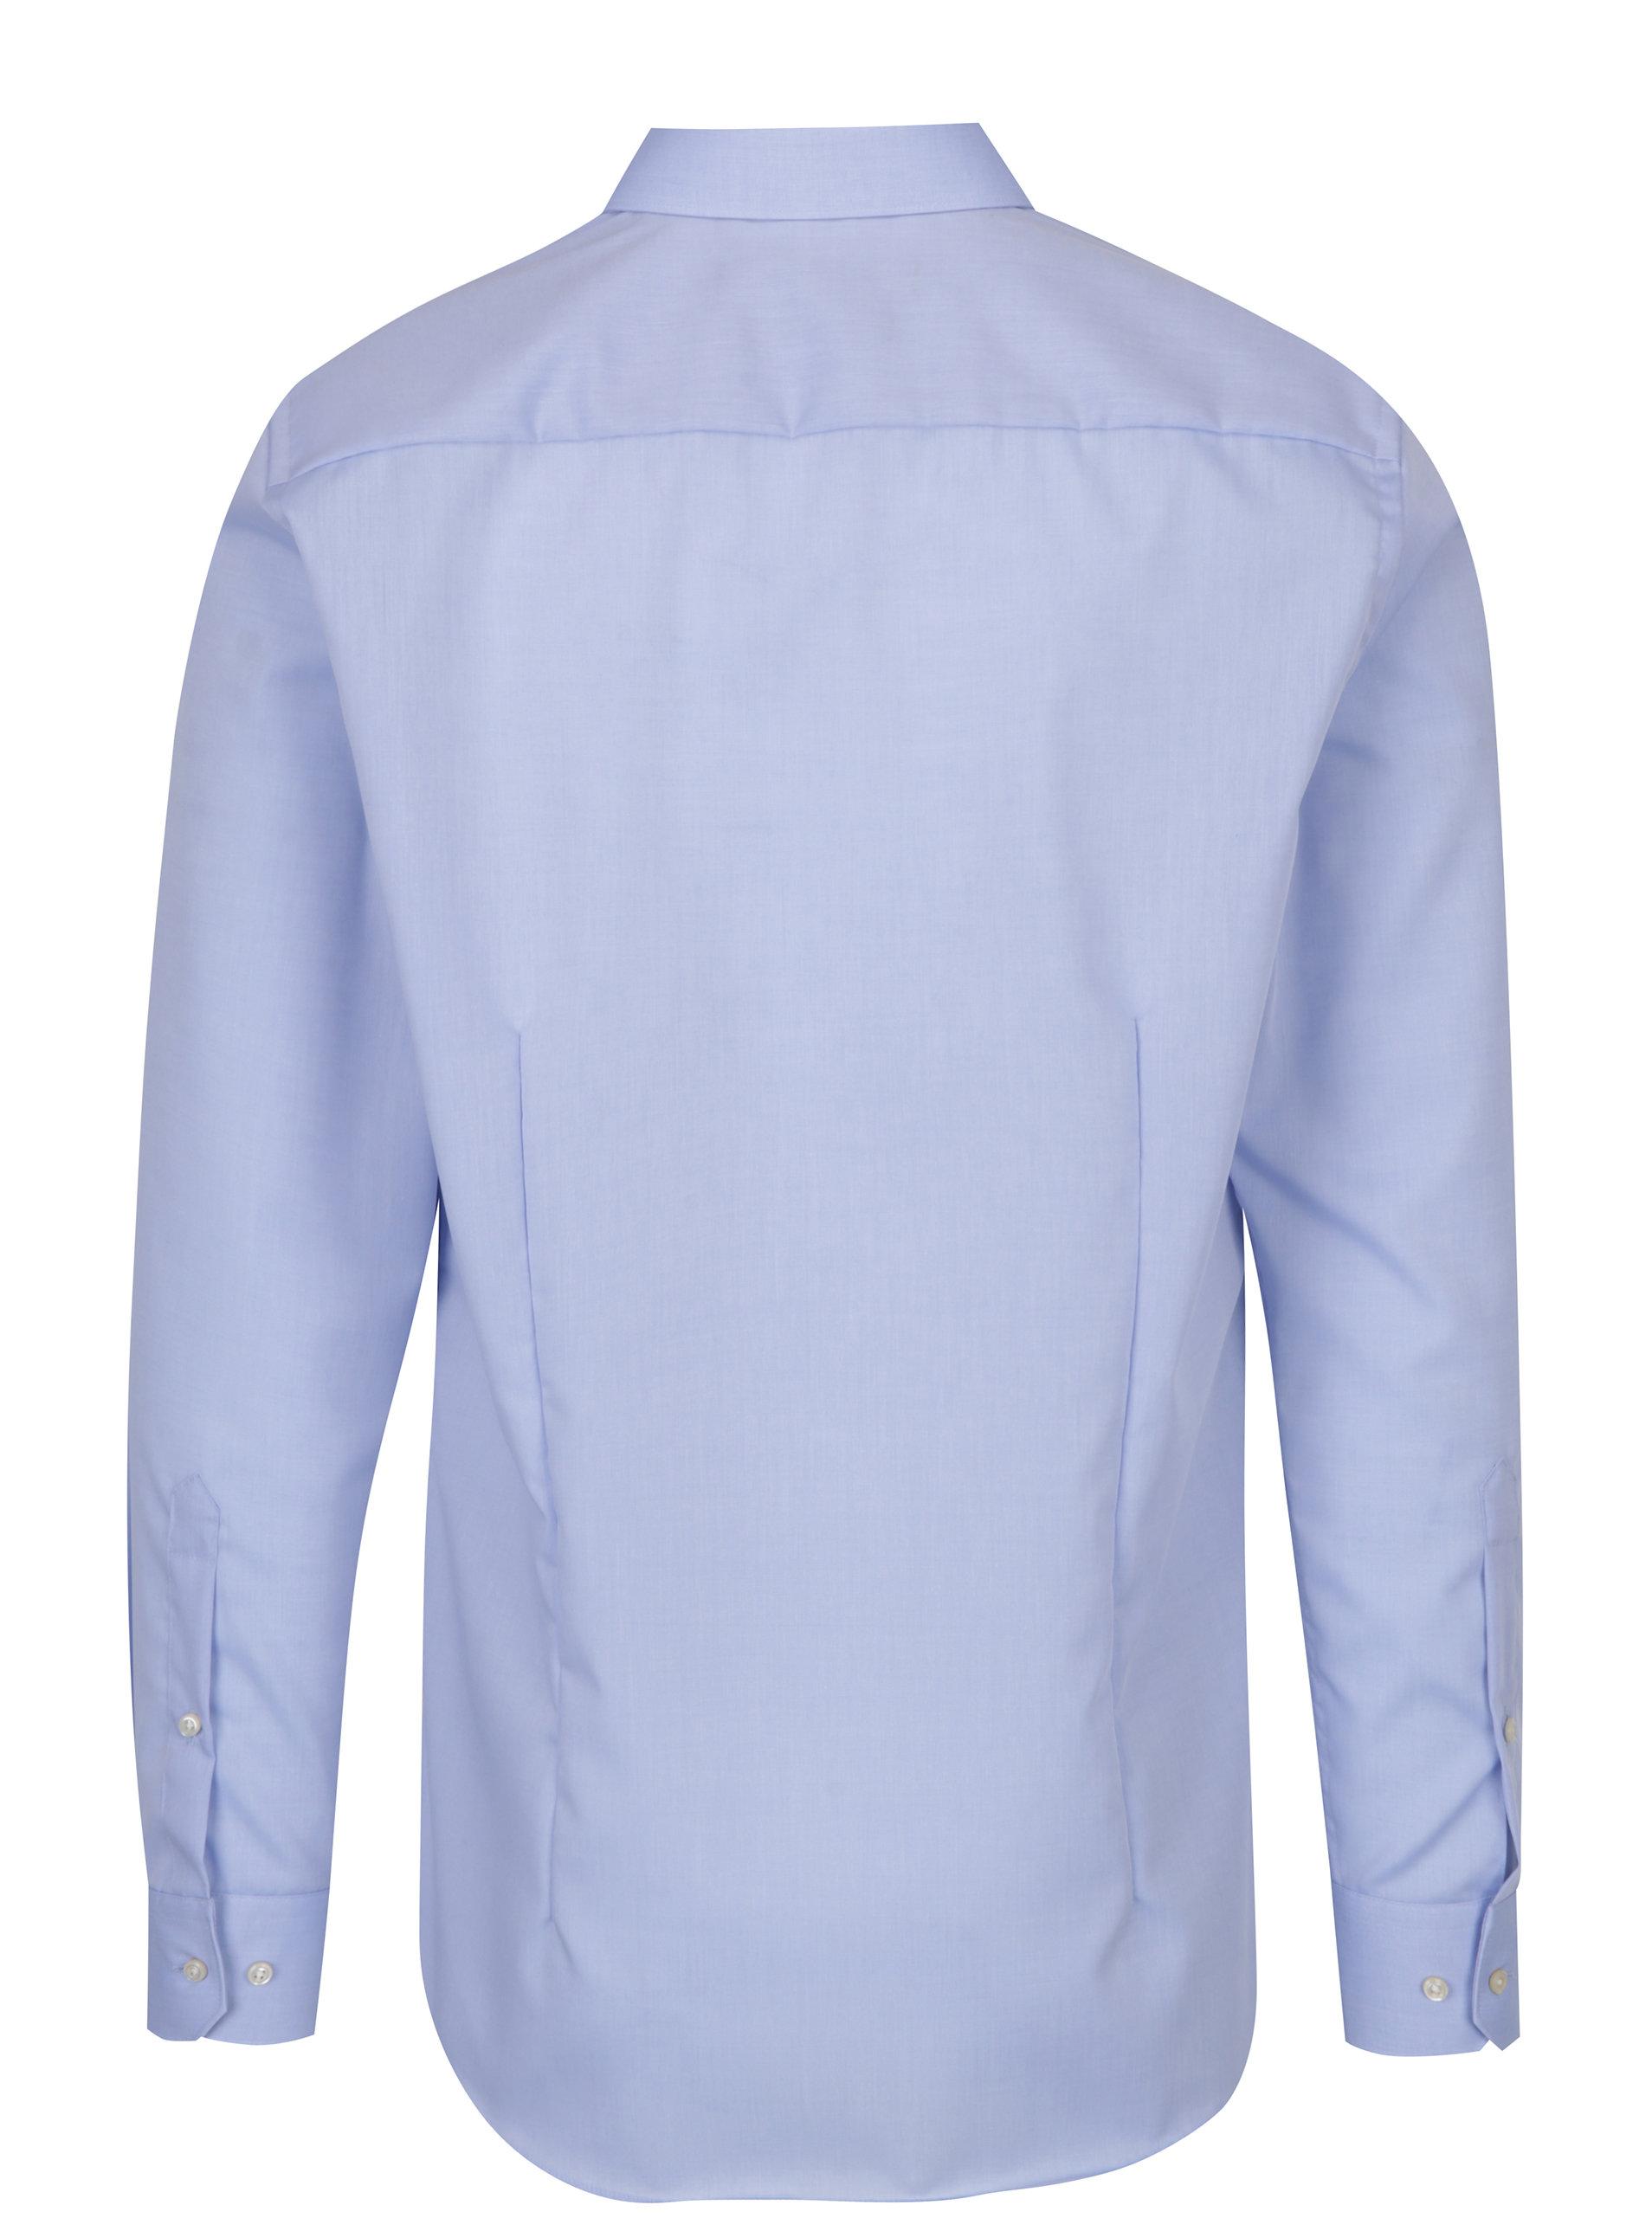 b35011aba4b Světle modrá pánská formální slim fit košile STEVULA ...